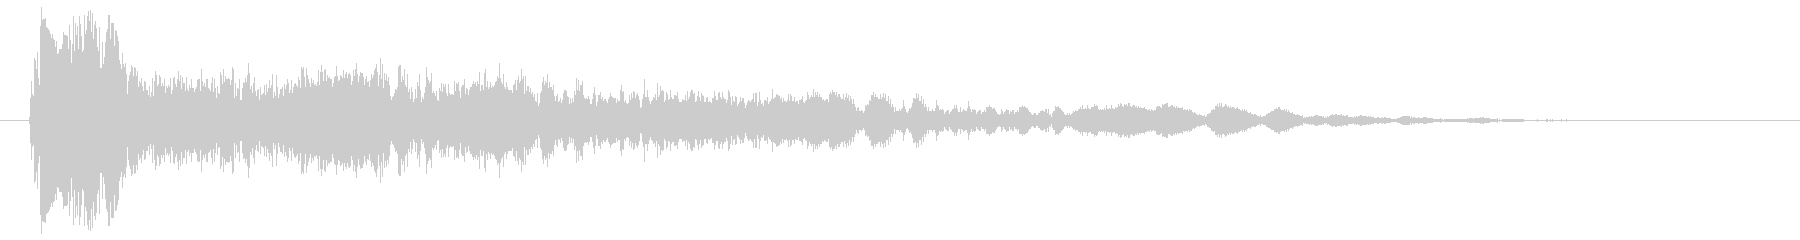 ビシューン(やや高めの音)の未再生の波形